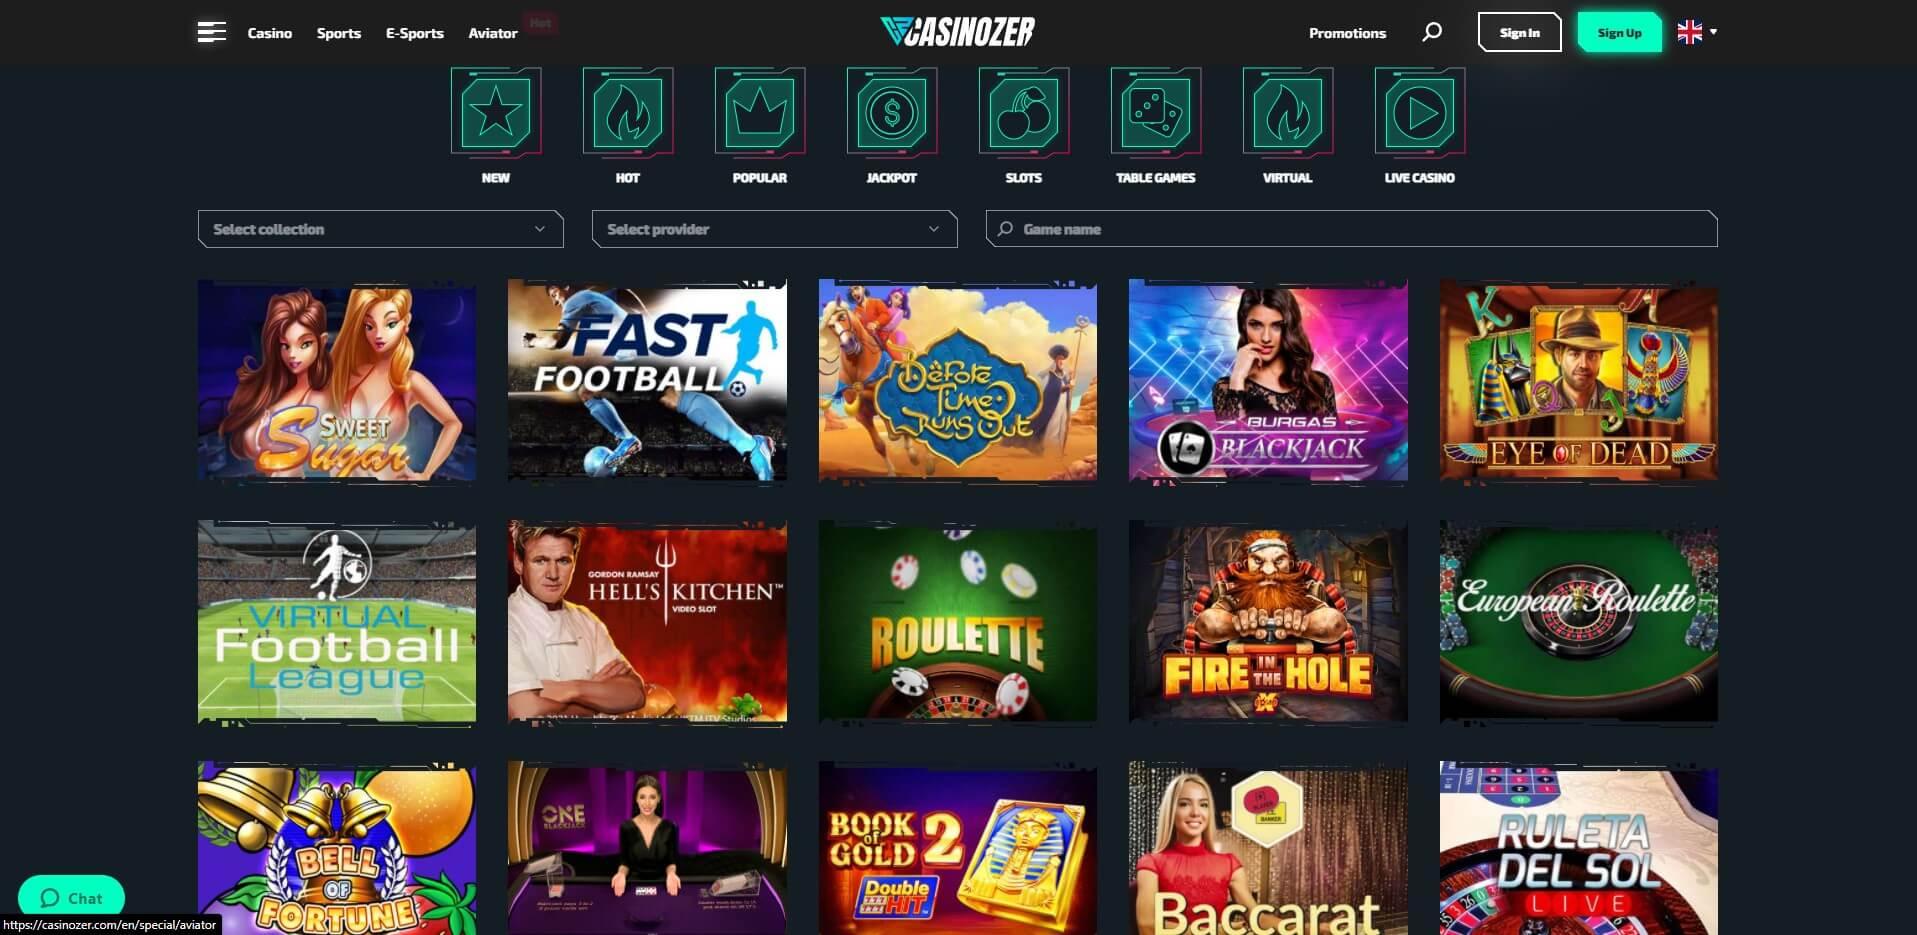 Games at Casinozer Casino